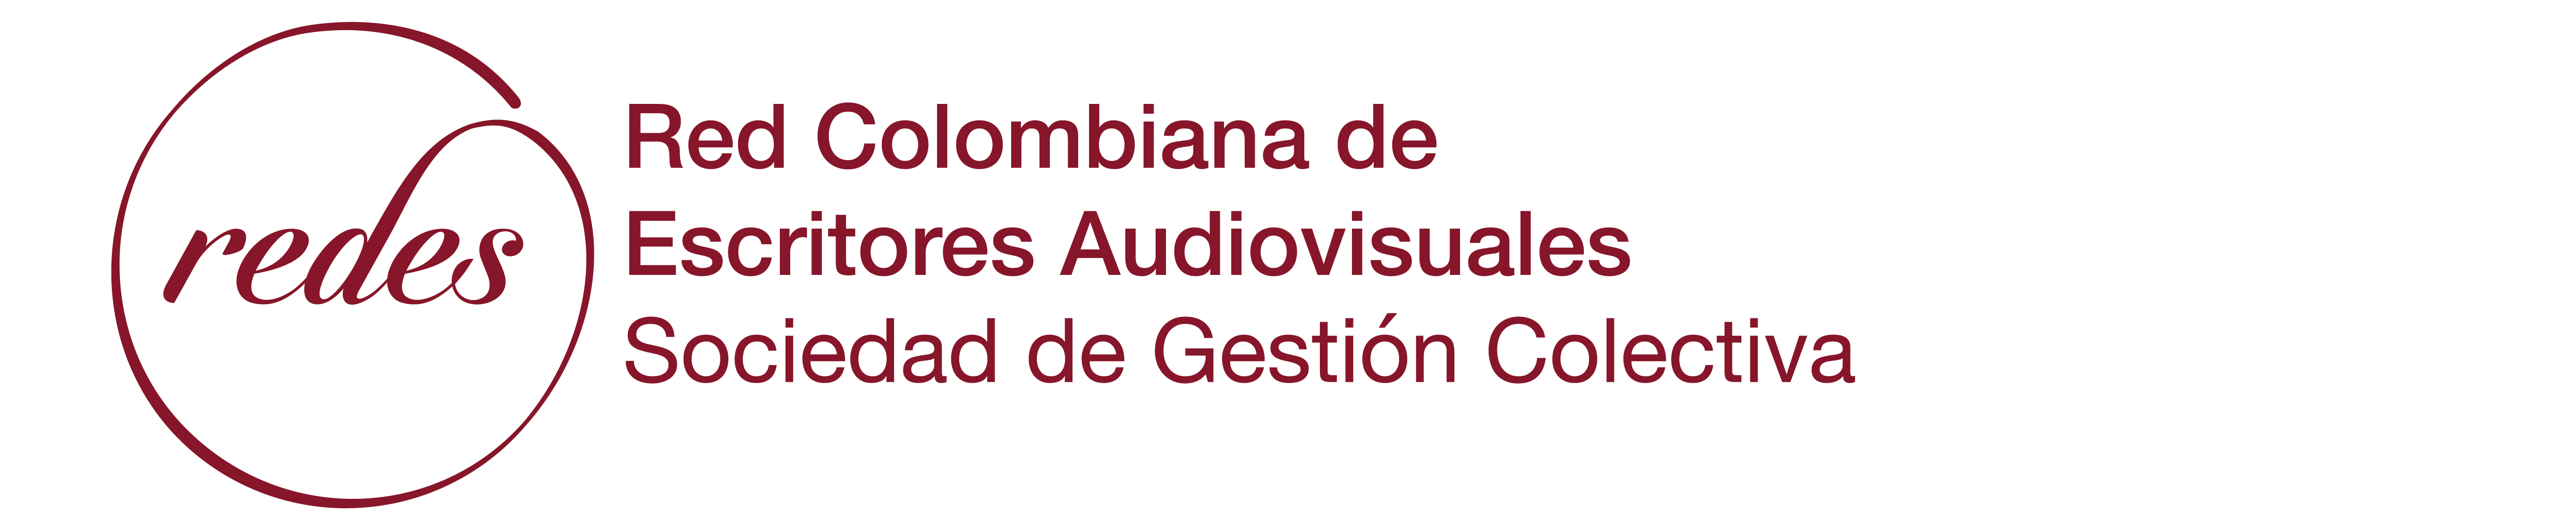 Logo redesEscritores